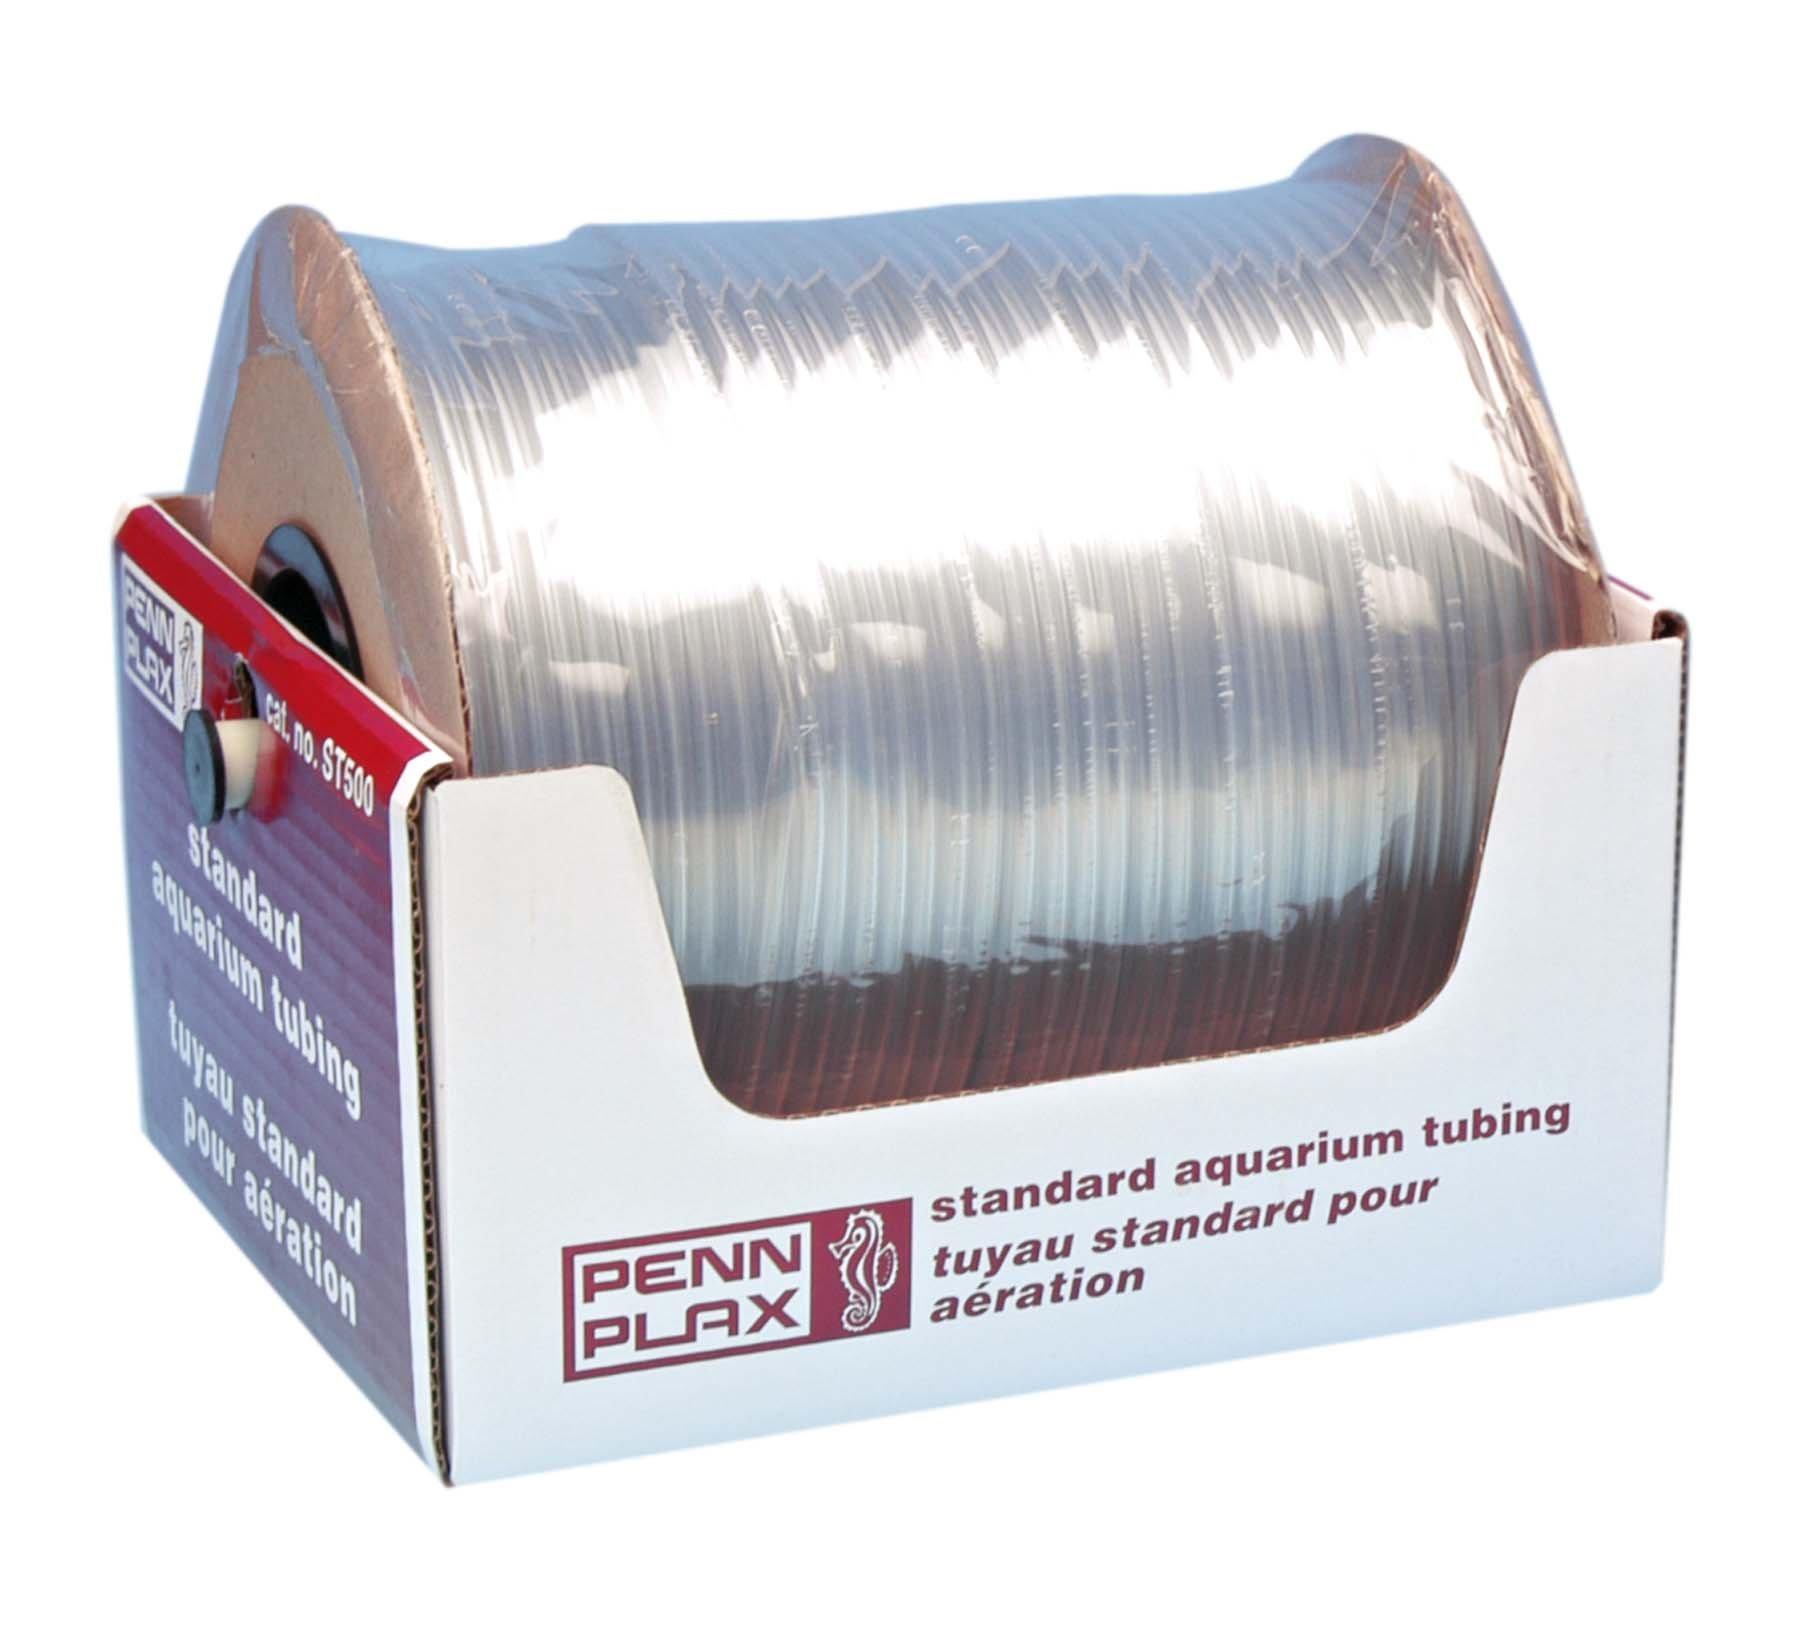 Penn Plax Standard Airline Tubing Air Pump Accessories 500-Feet Roll